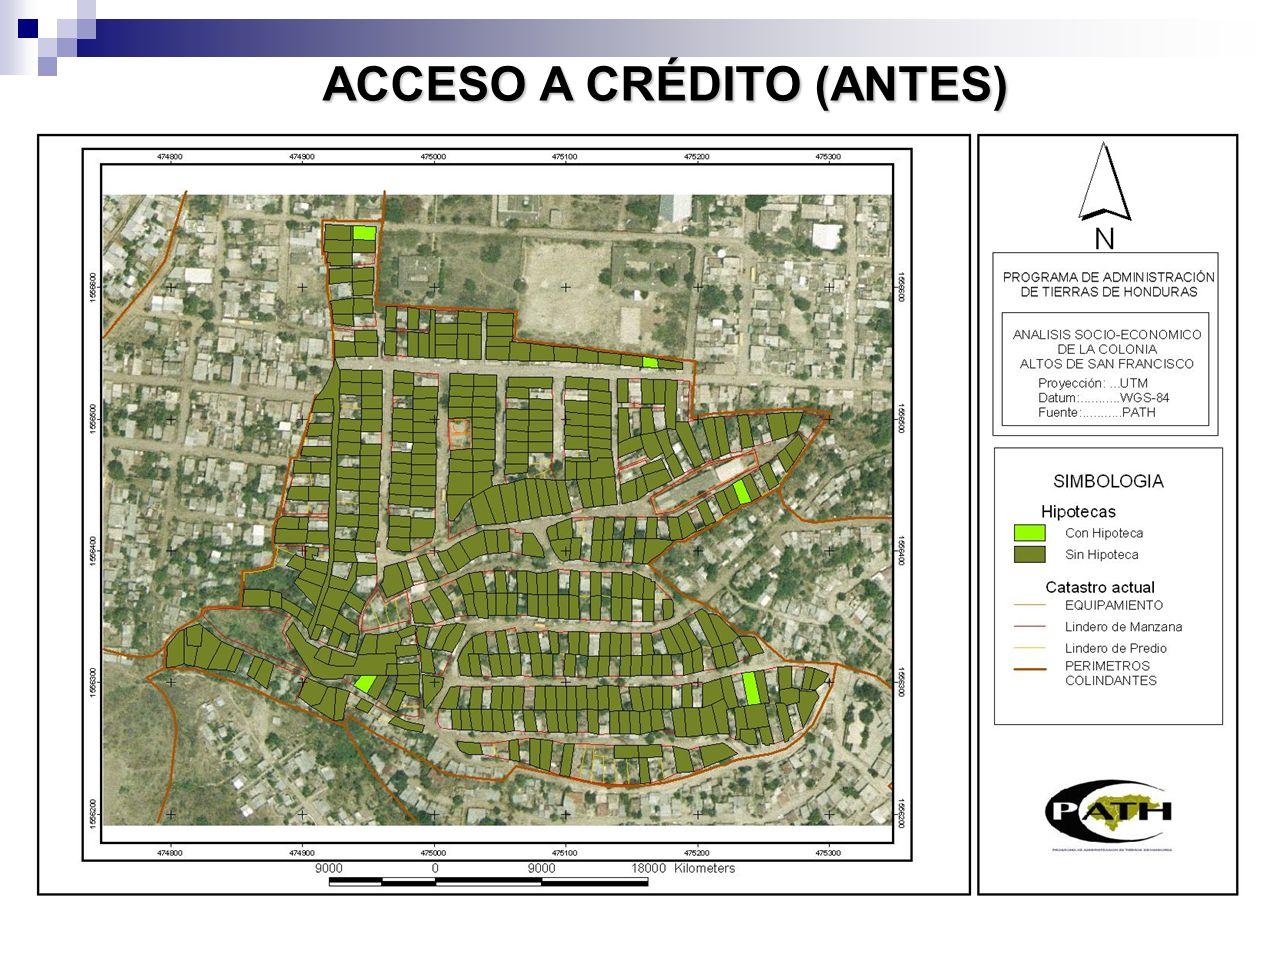 ACCESO A CRÉDITO (ANTES)